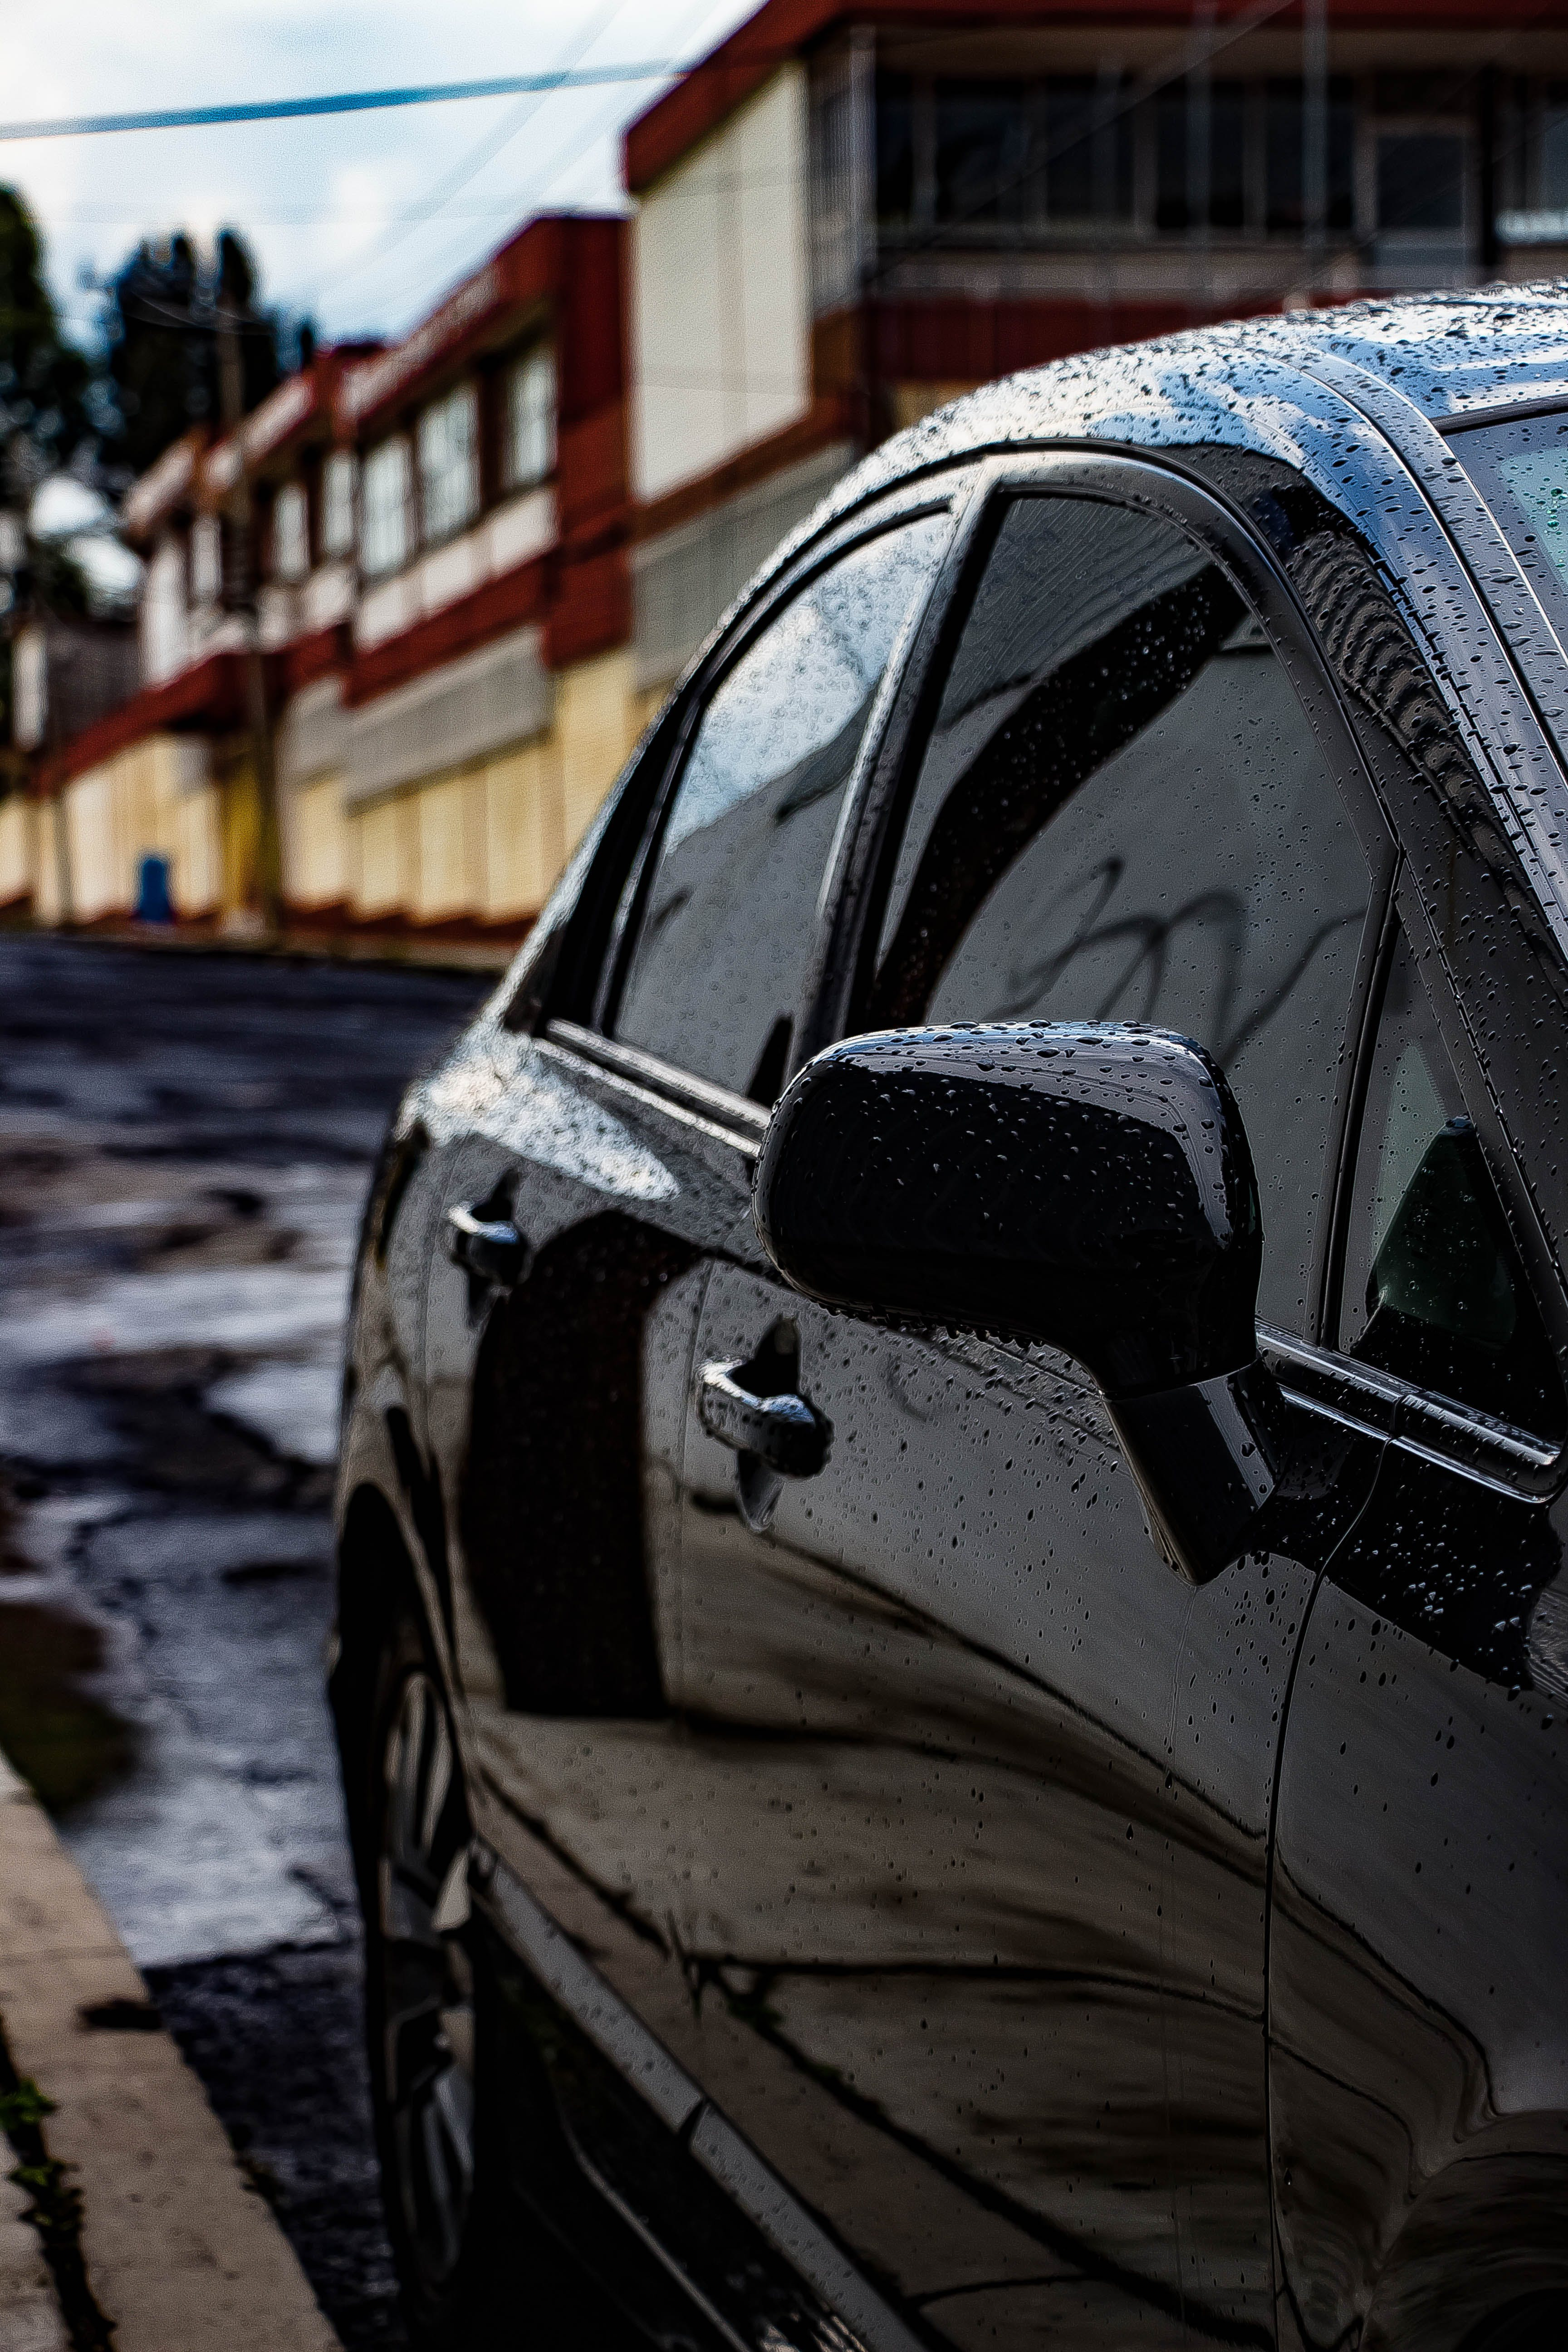 Kostenloses Stock Foto zu 4k wallpaper, auto, cool, coole hintergrundbilder